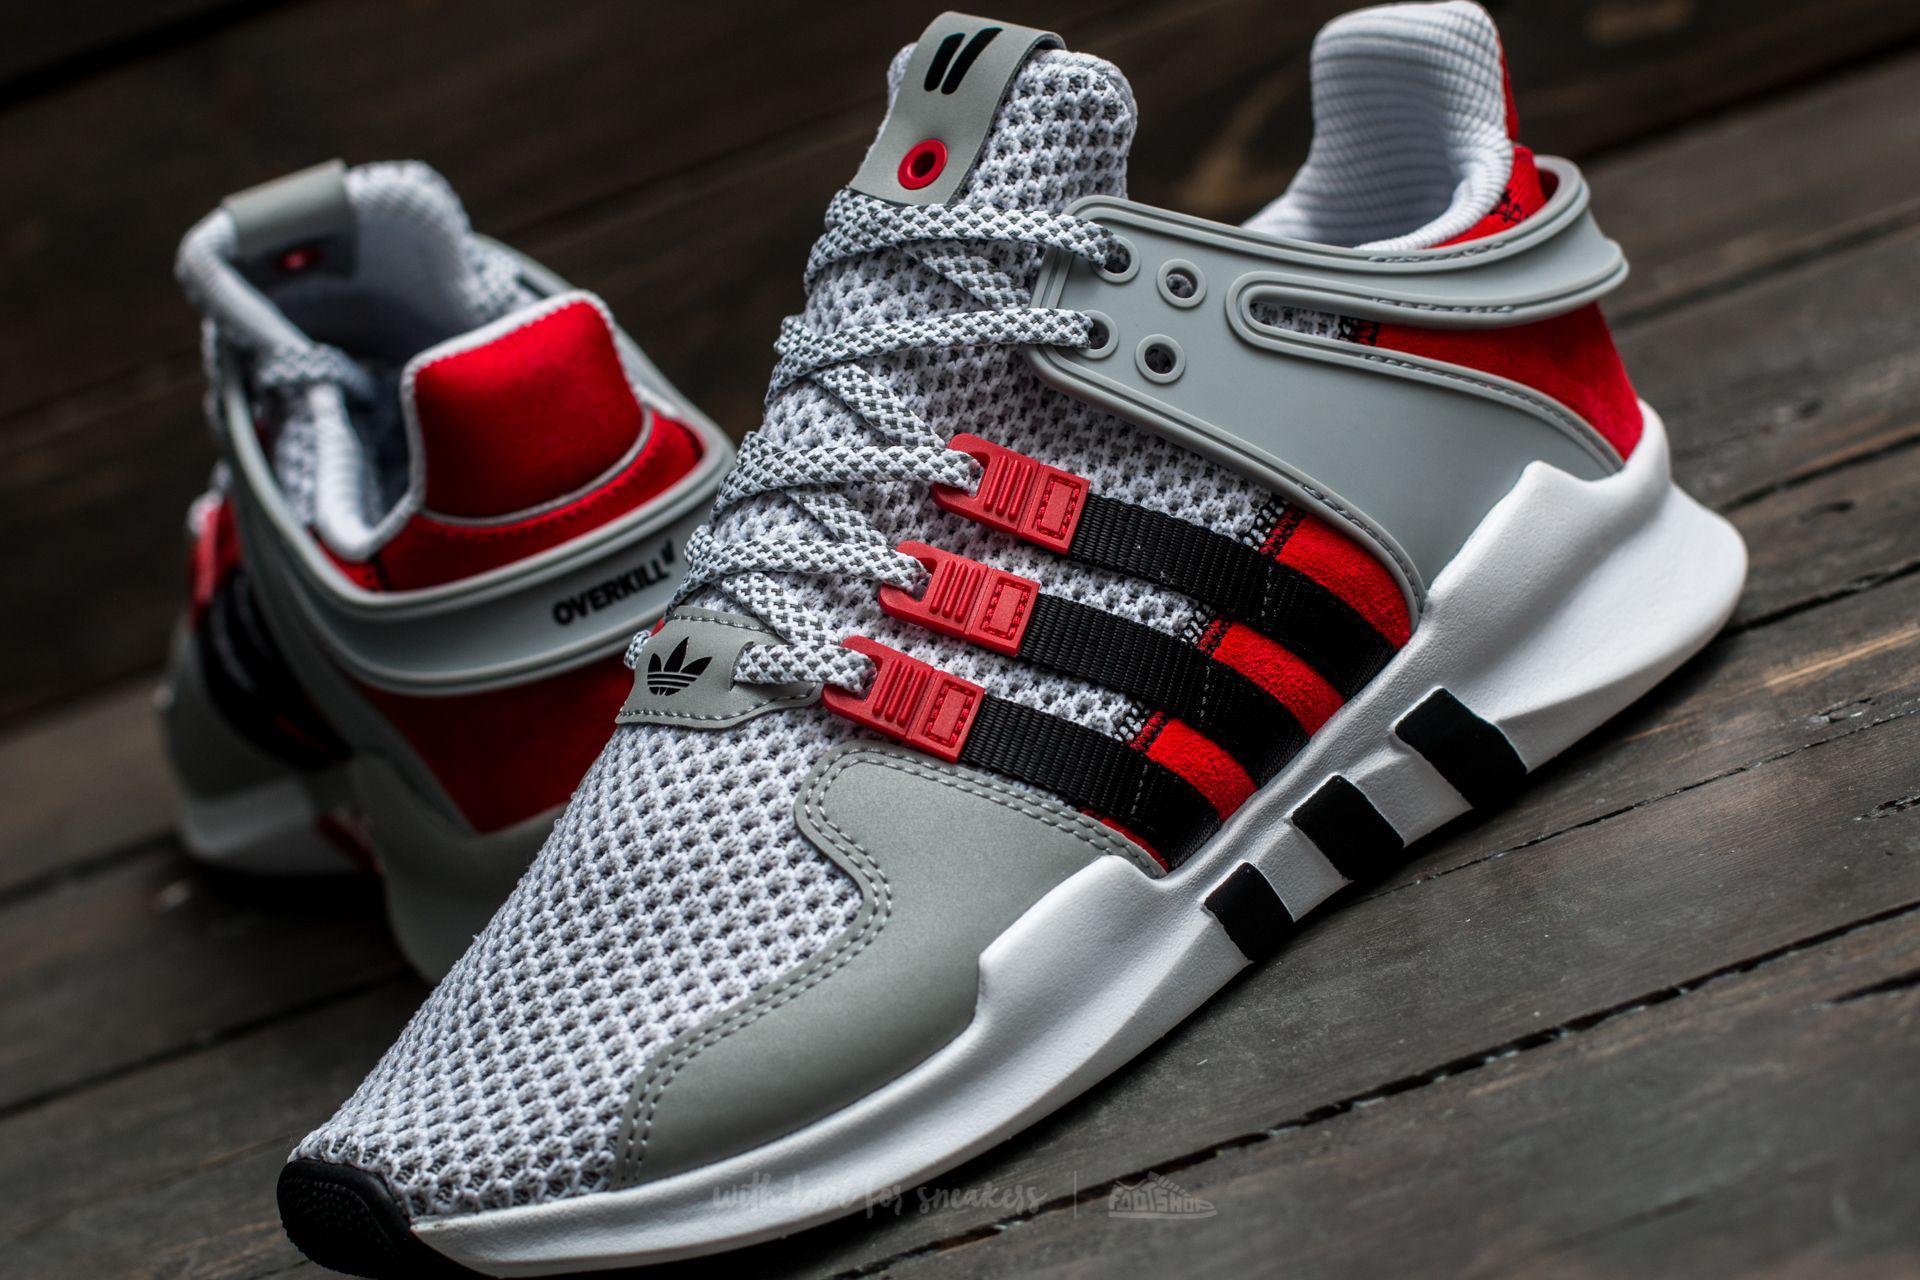 5687073e27d9 Lyst - Footshop Adidas X Consortium X Overkill Eqt Support Adv Ftw ...